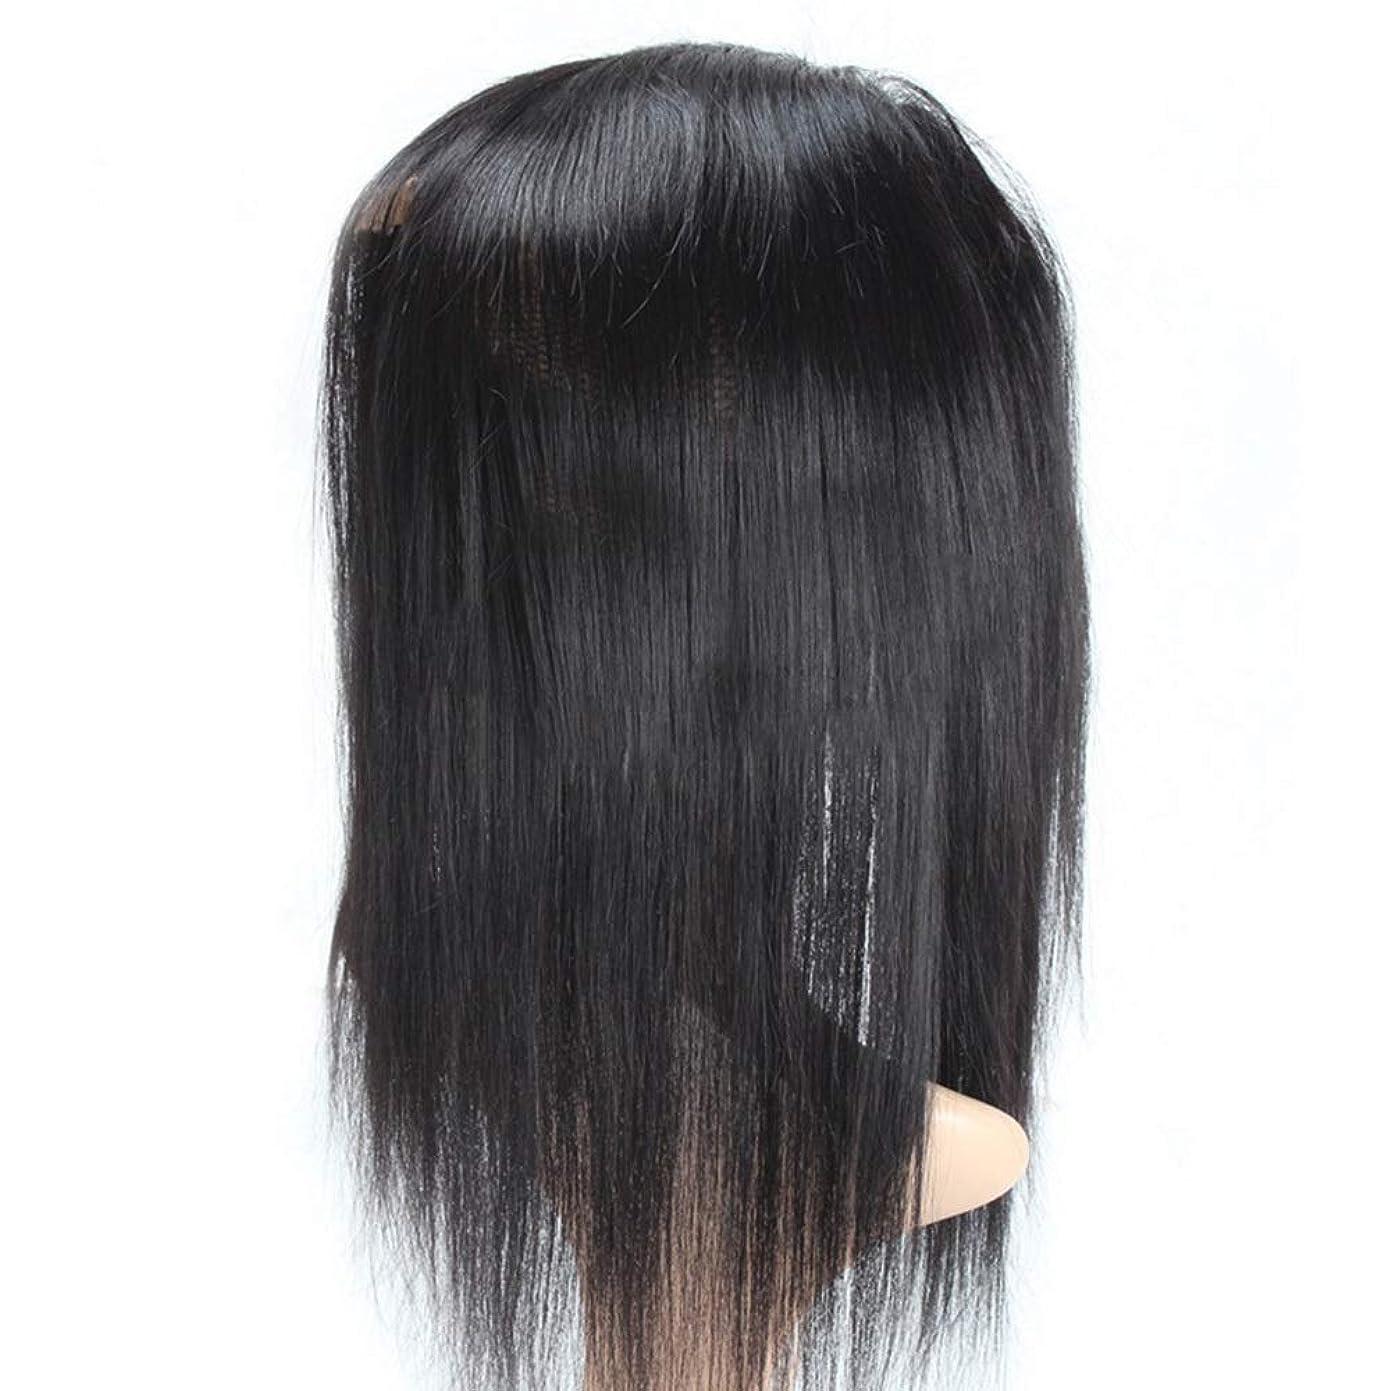 煩わしい赤字不平を言うBOBIDYEE 360レース前頭部7Aブラジルストレートレースの閉鎖未処理人間の髪の毛の拡張子閉鎖1個入り自然の色合成髪レースかつらロールプレイングかつら長くて短い女性自然 (色 : 黒, サイズ : 20 inch)